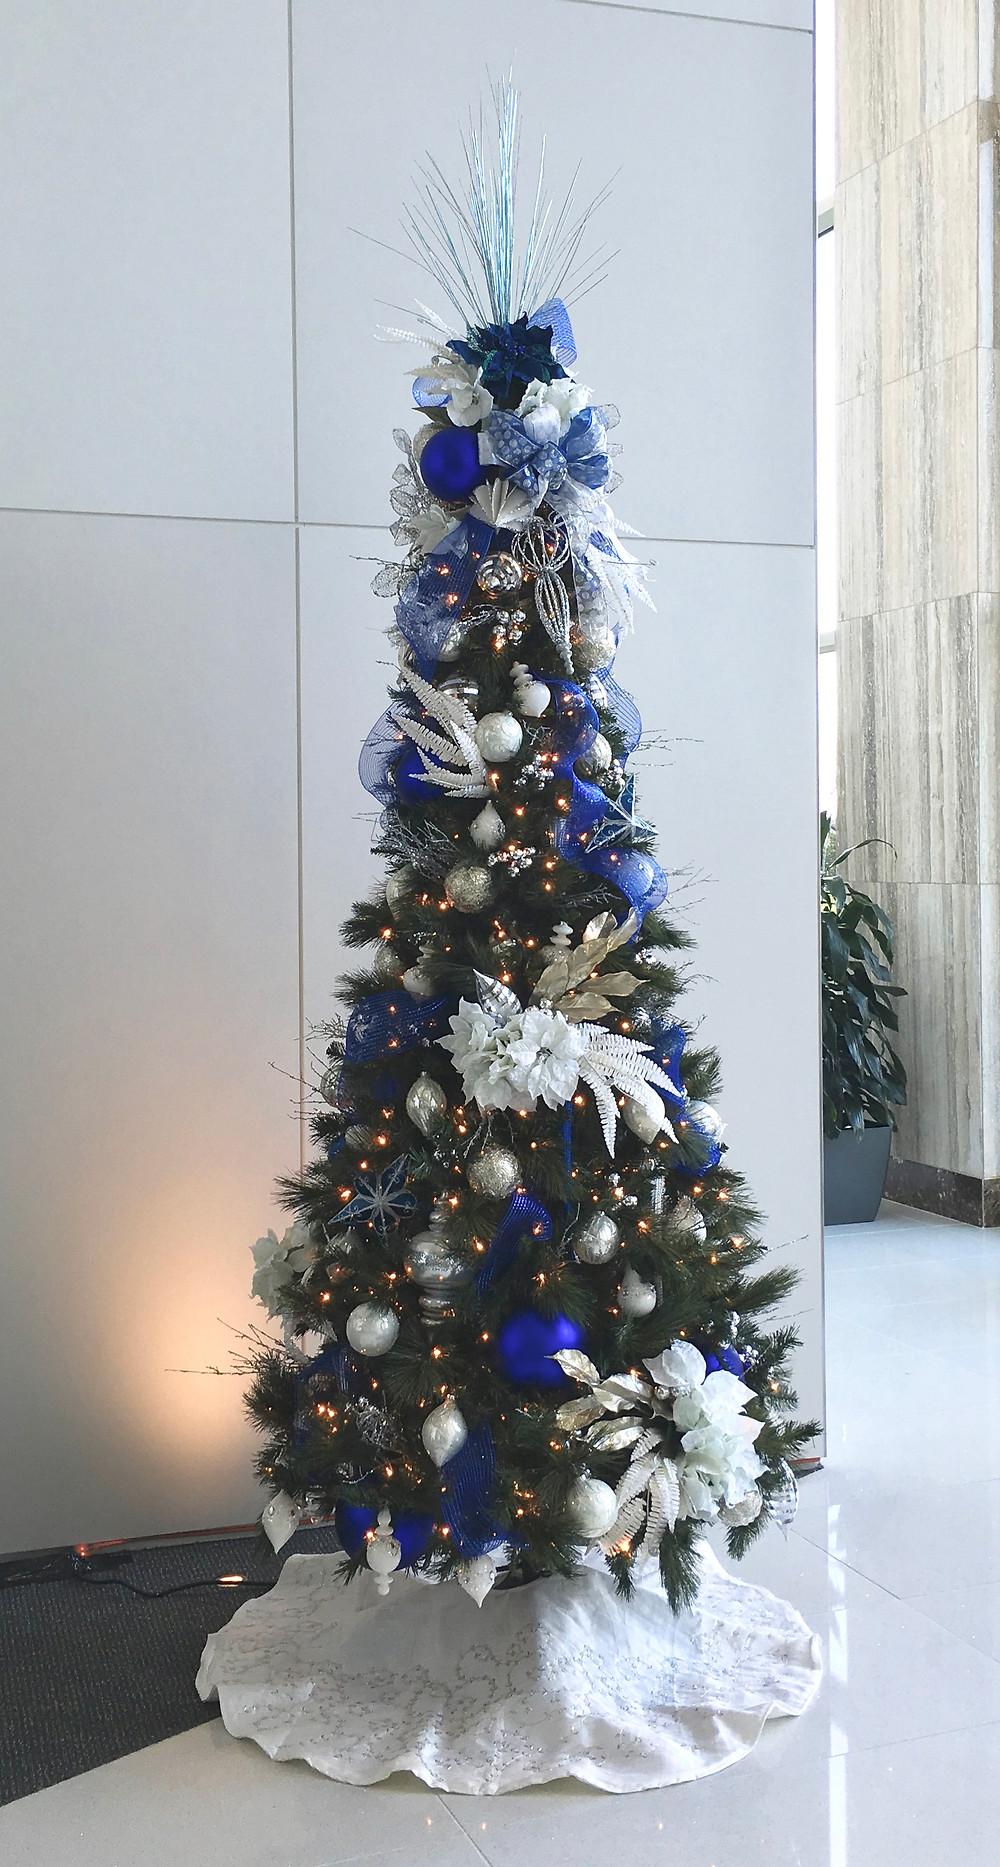 Hanukkah tree